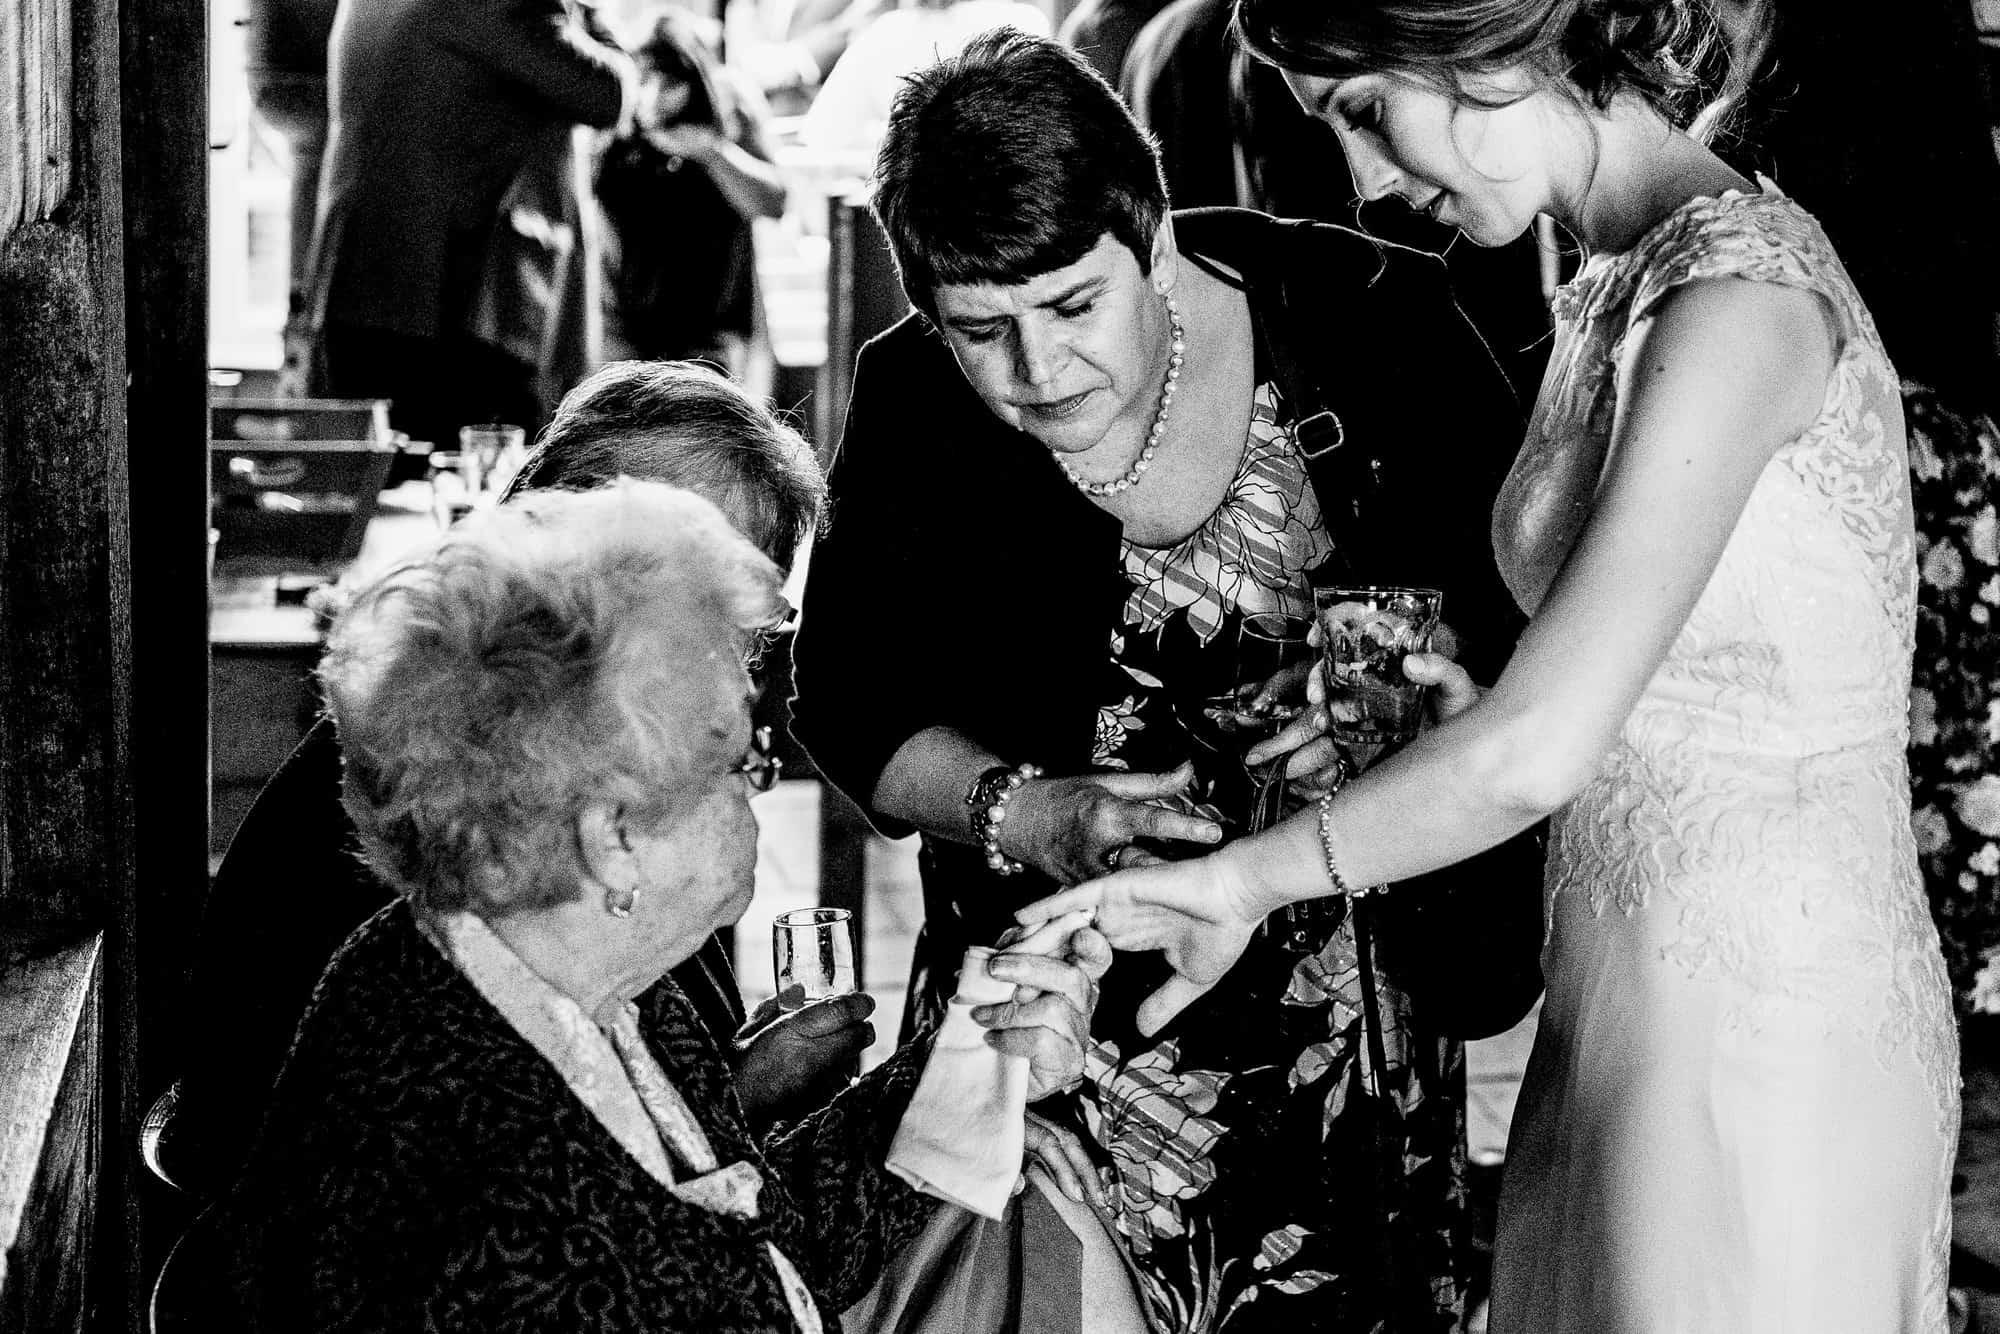 east-quay-wedding-photographer-matt-tyler-0035